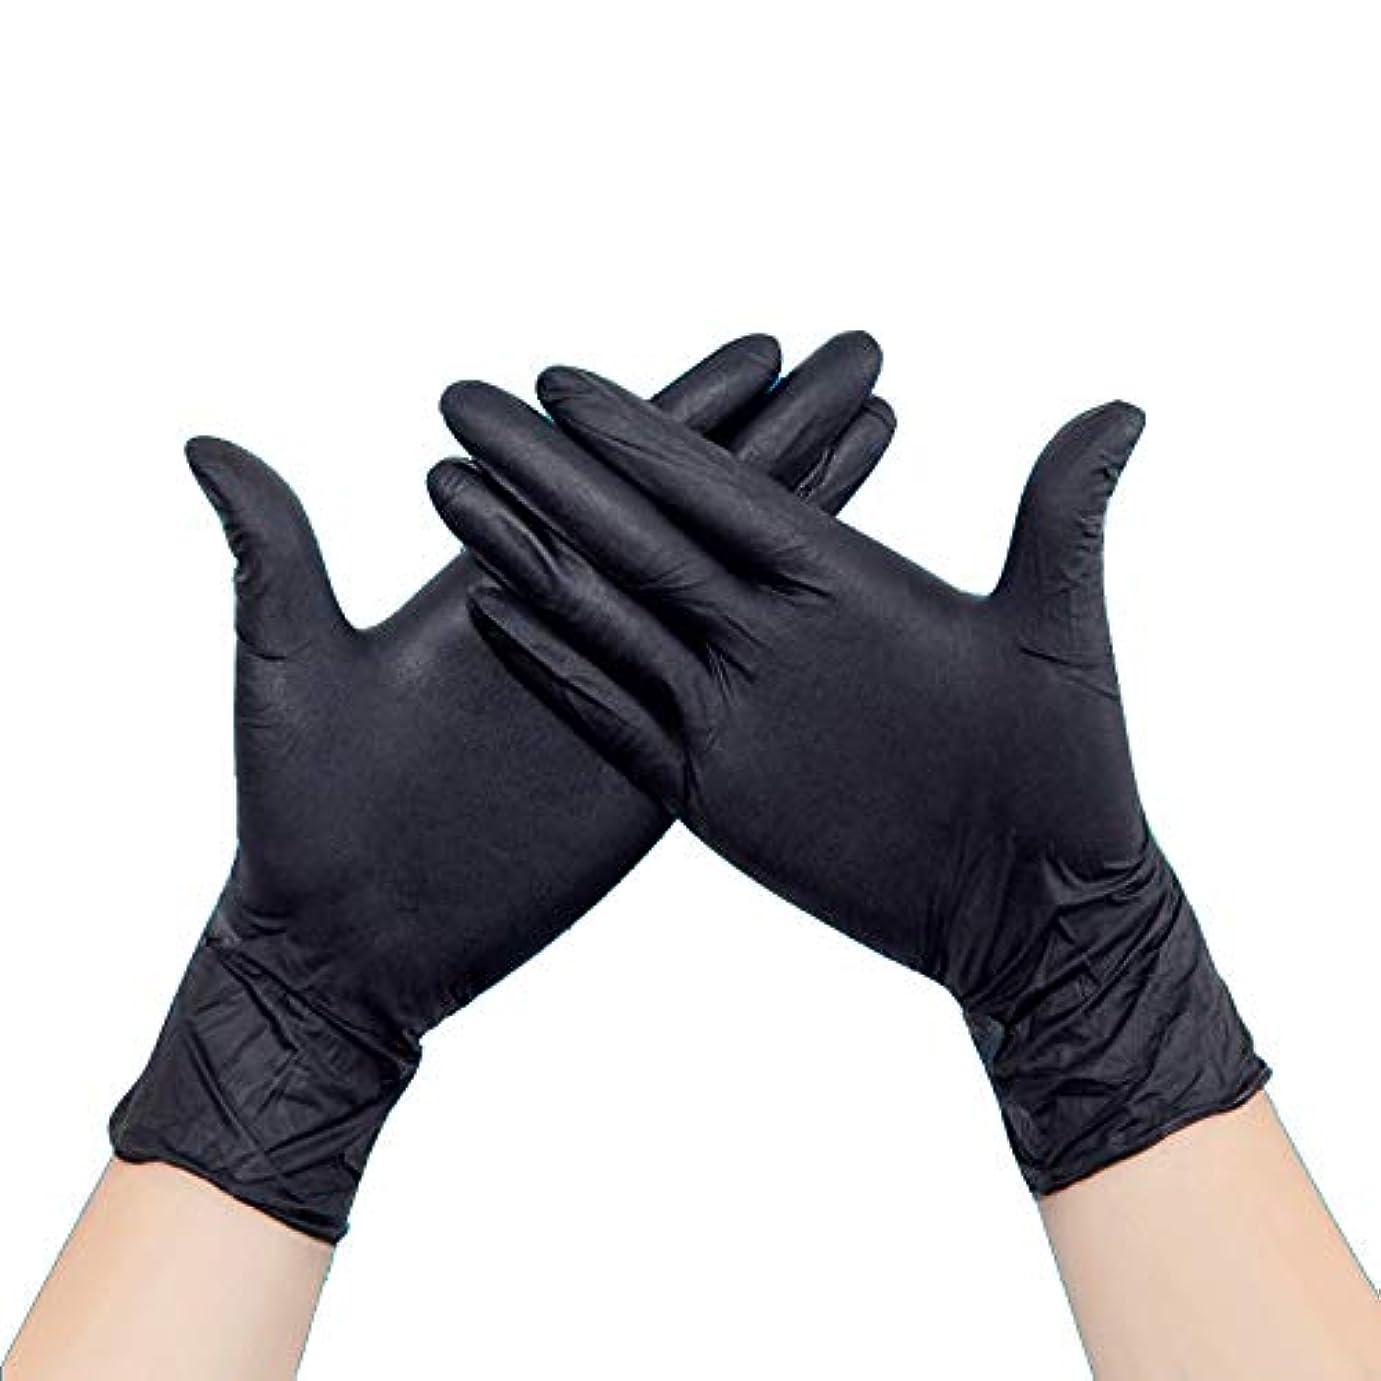 シュリンク圧倒する良さニトリル手袋 使い捨て手袋 メカニックグローブ 50枚入 家庭、クリーニング、実験室、ネイルアート ブラック 帯電防止手袋 左右兼用